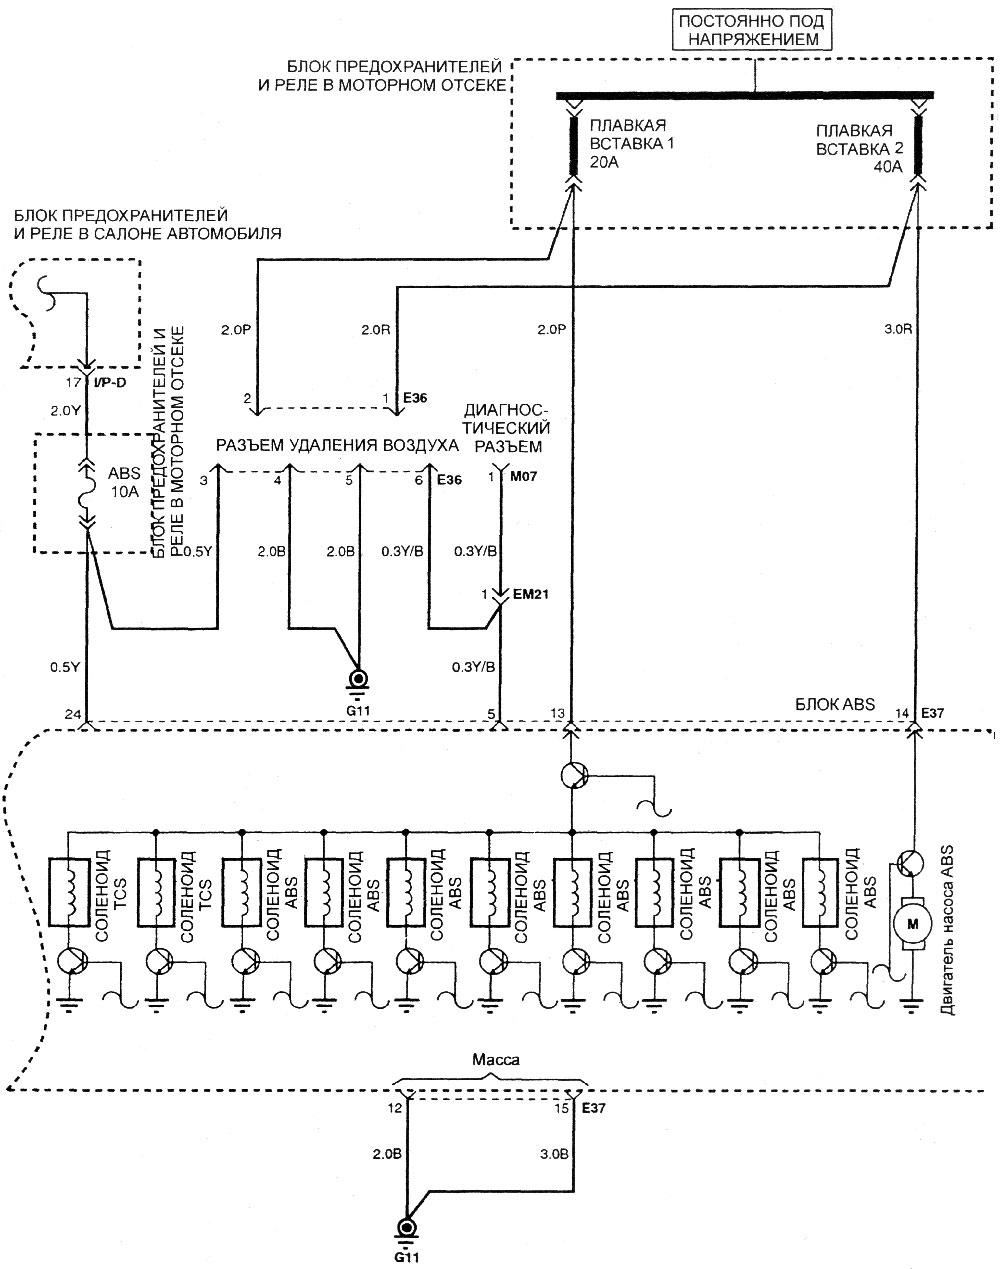 Электрическая схема антиблокировочной тормозной системы (продолжение) .